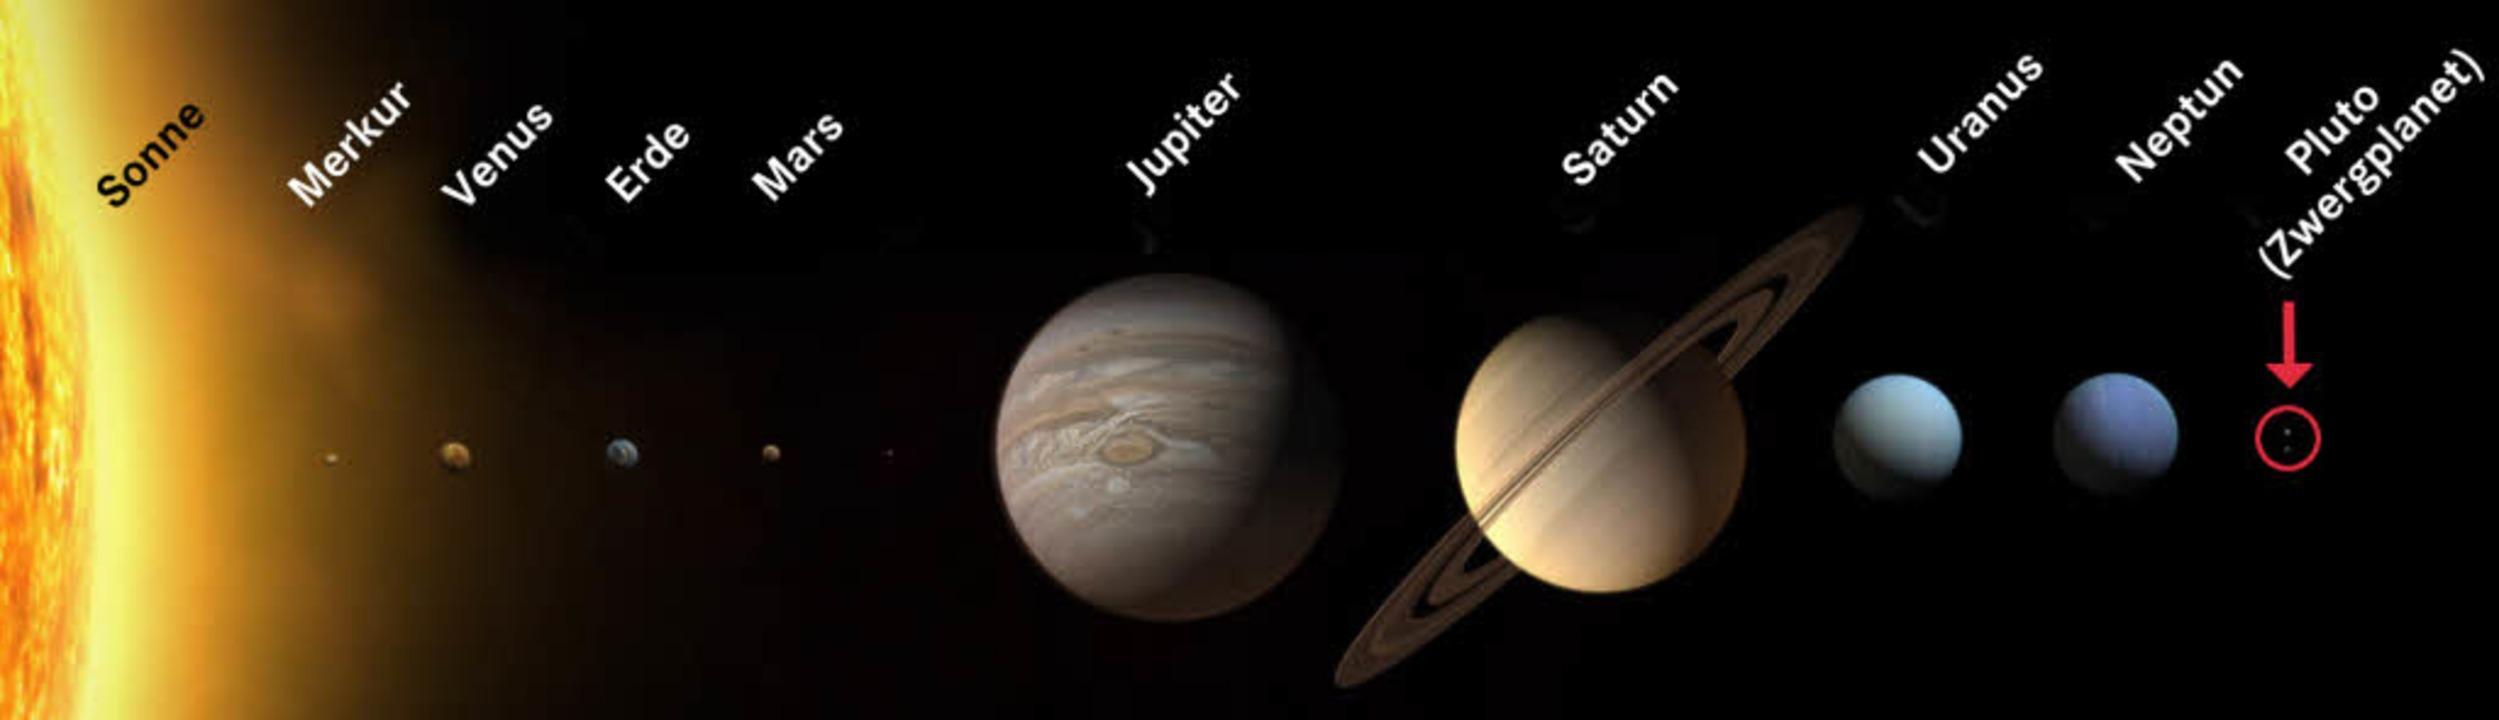 Der Pluto liegt am äußersten Ende unseres Sonnensystems.    | Foto: Foto/Grafik: dpa